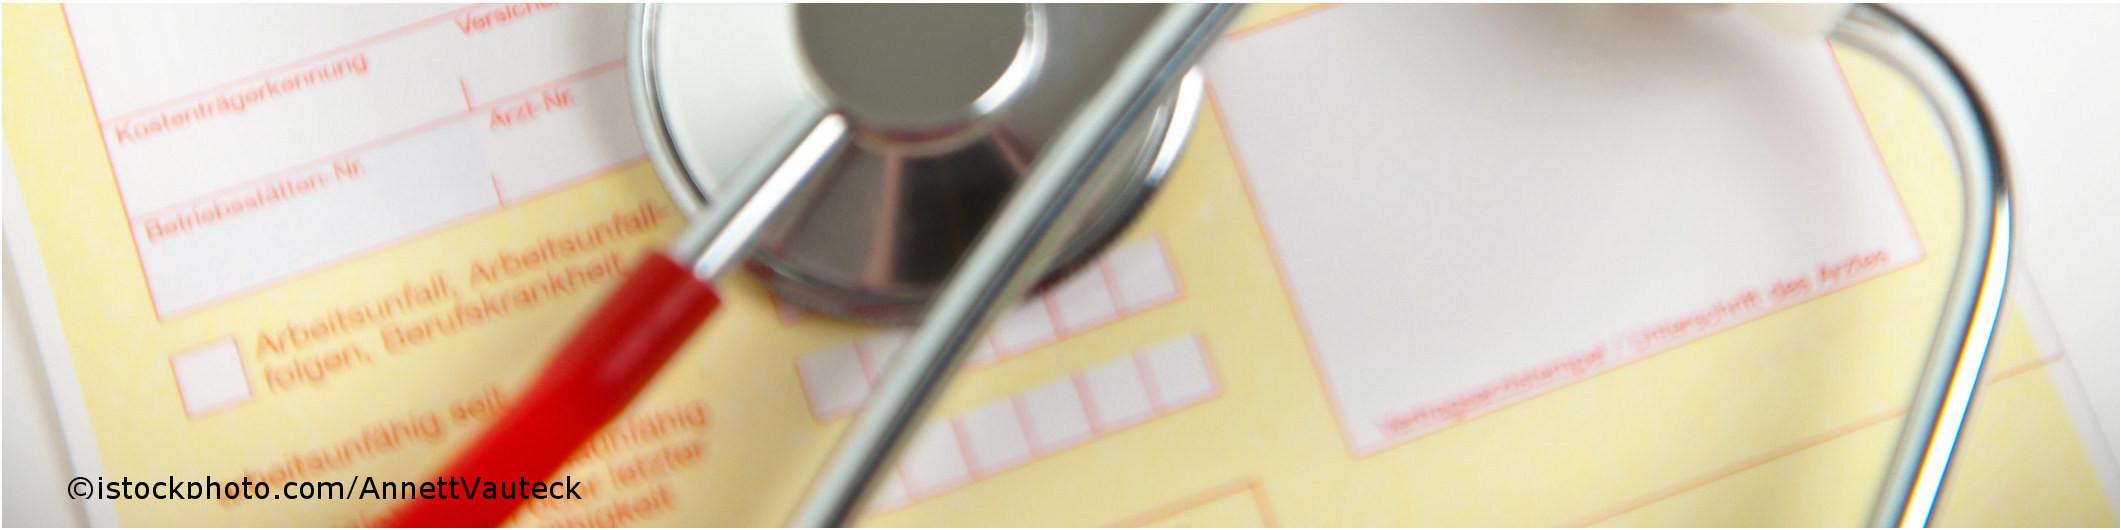 Im ICD-10 Diagnoseschlüssel steht R30 für Schmerzen beim Wasserlassen.